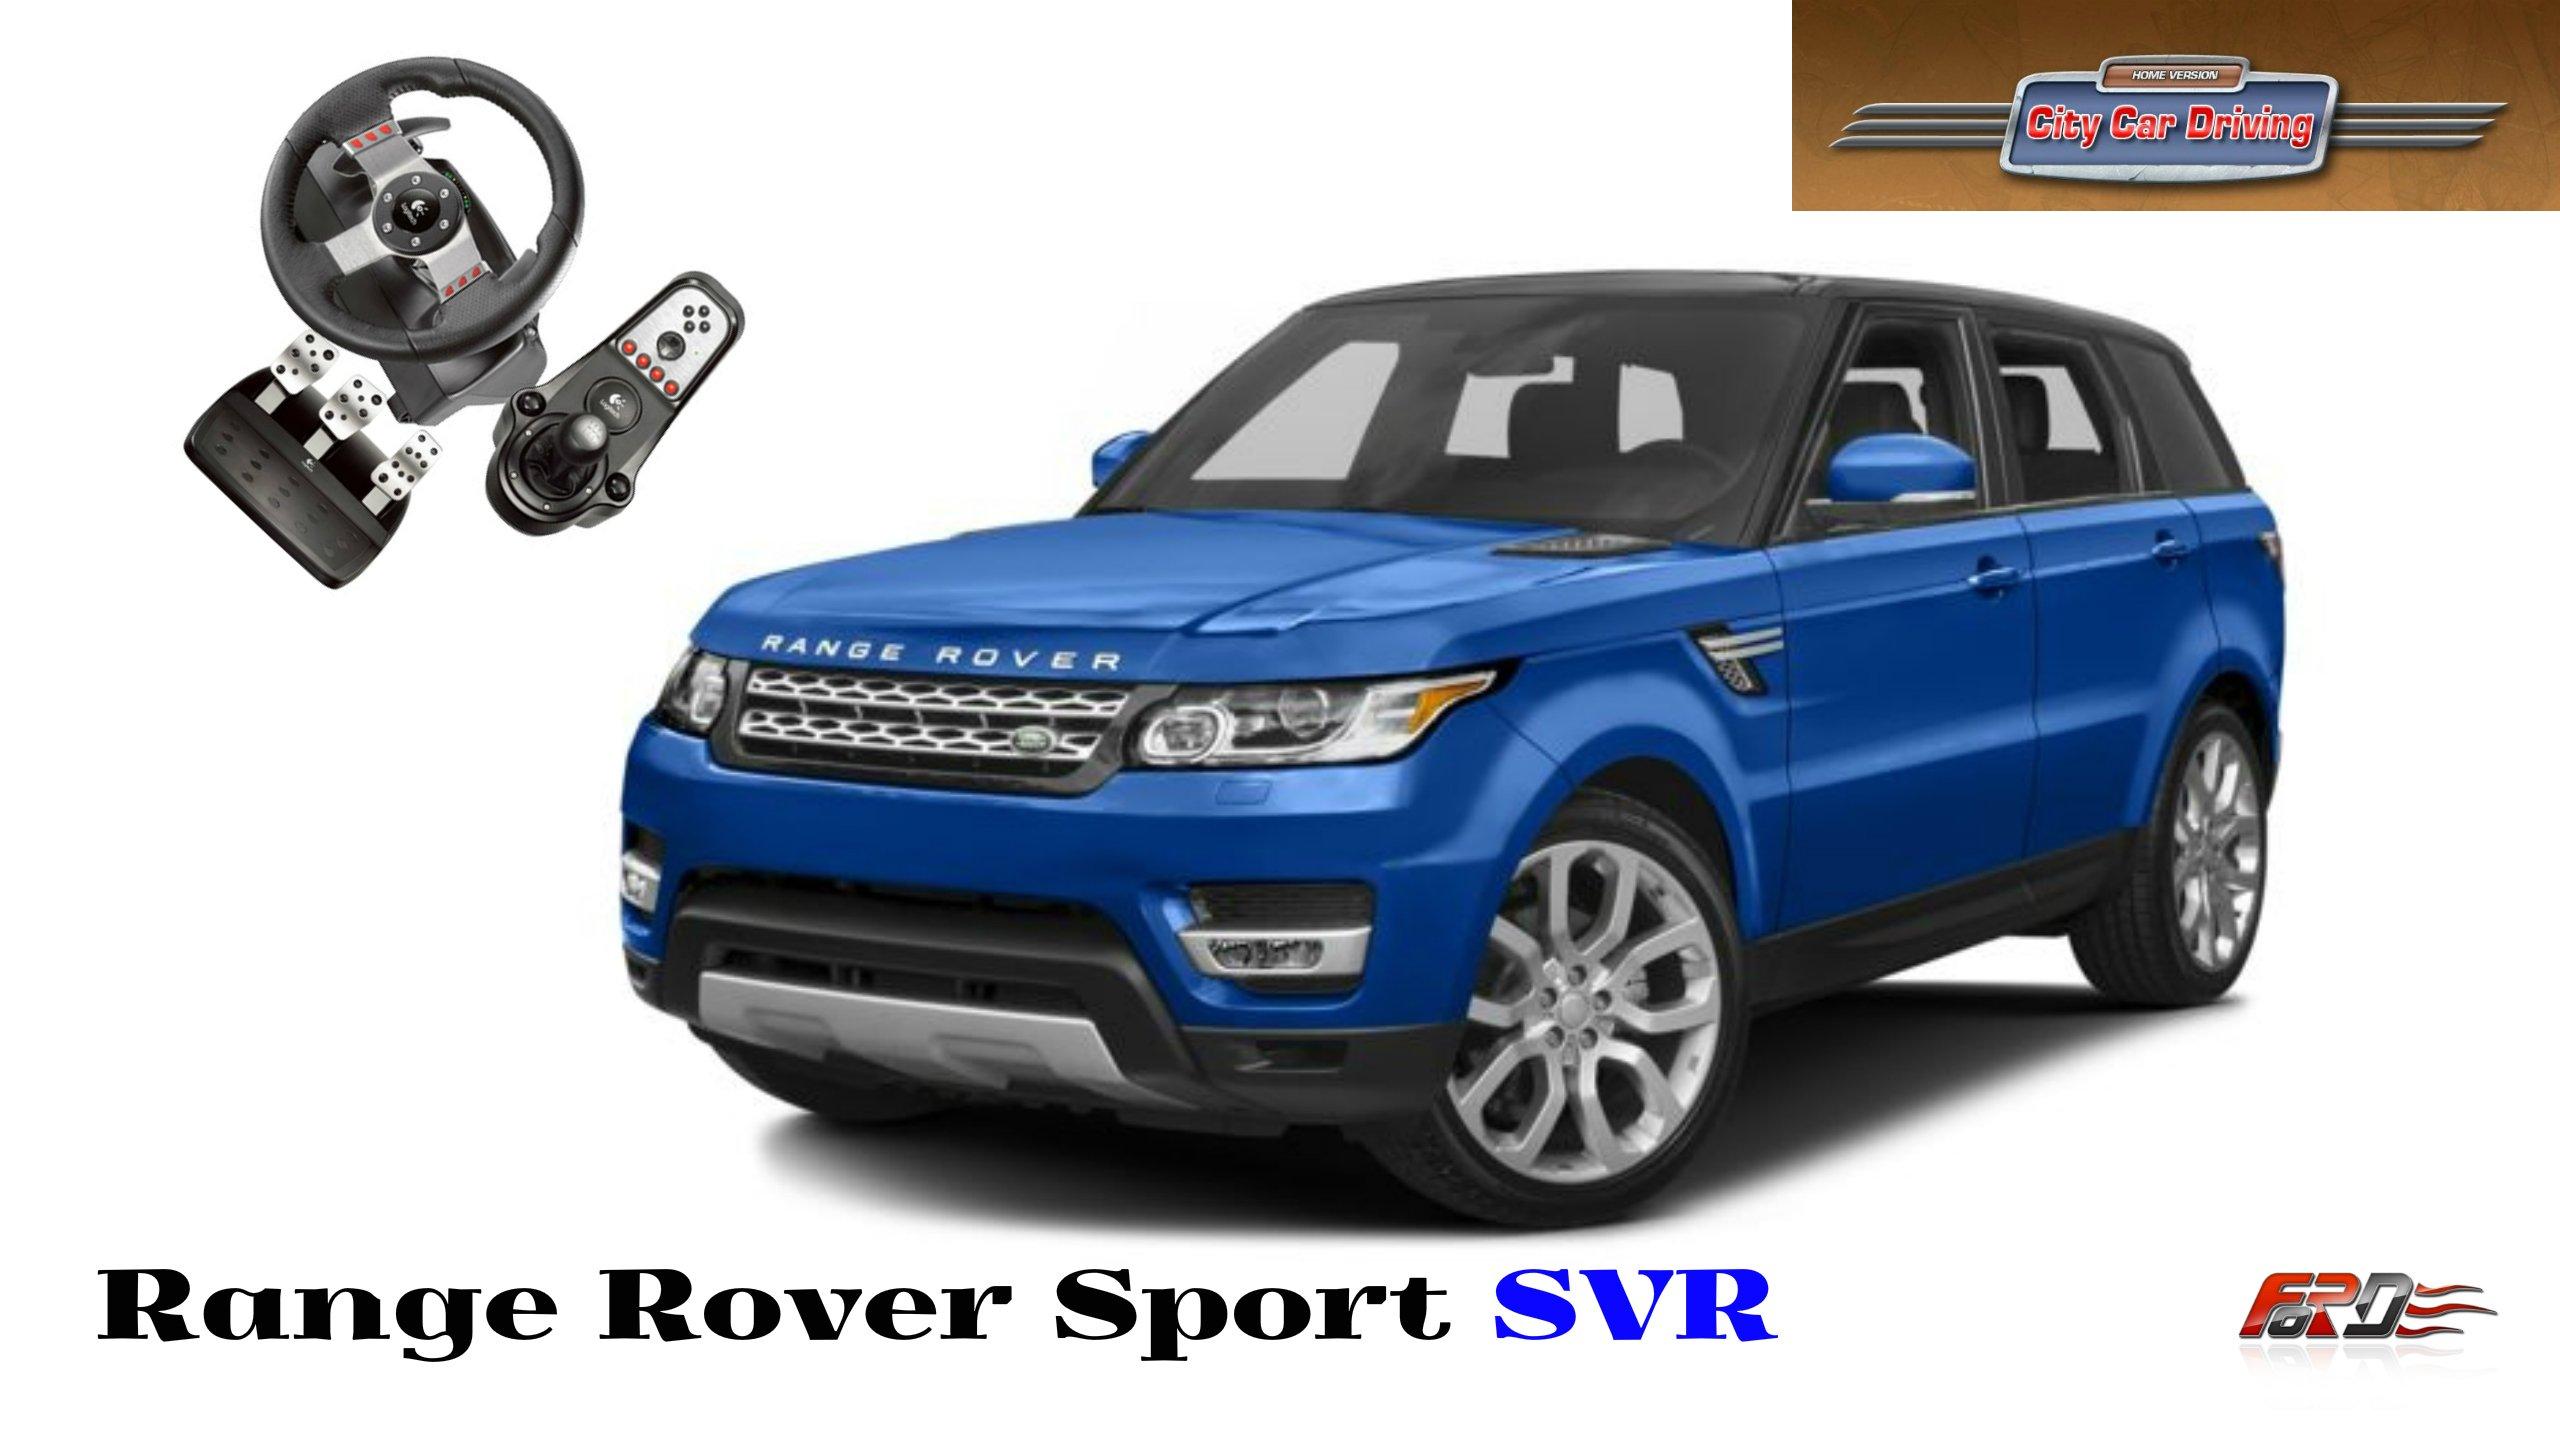 Range Rover Sport SVR - тест-драйв, обзор, off-road, АКАДЕМИК в шоке, Pontorezka в City Car Driving. - Изображение 1